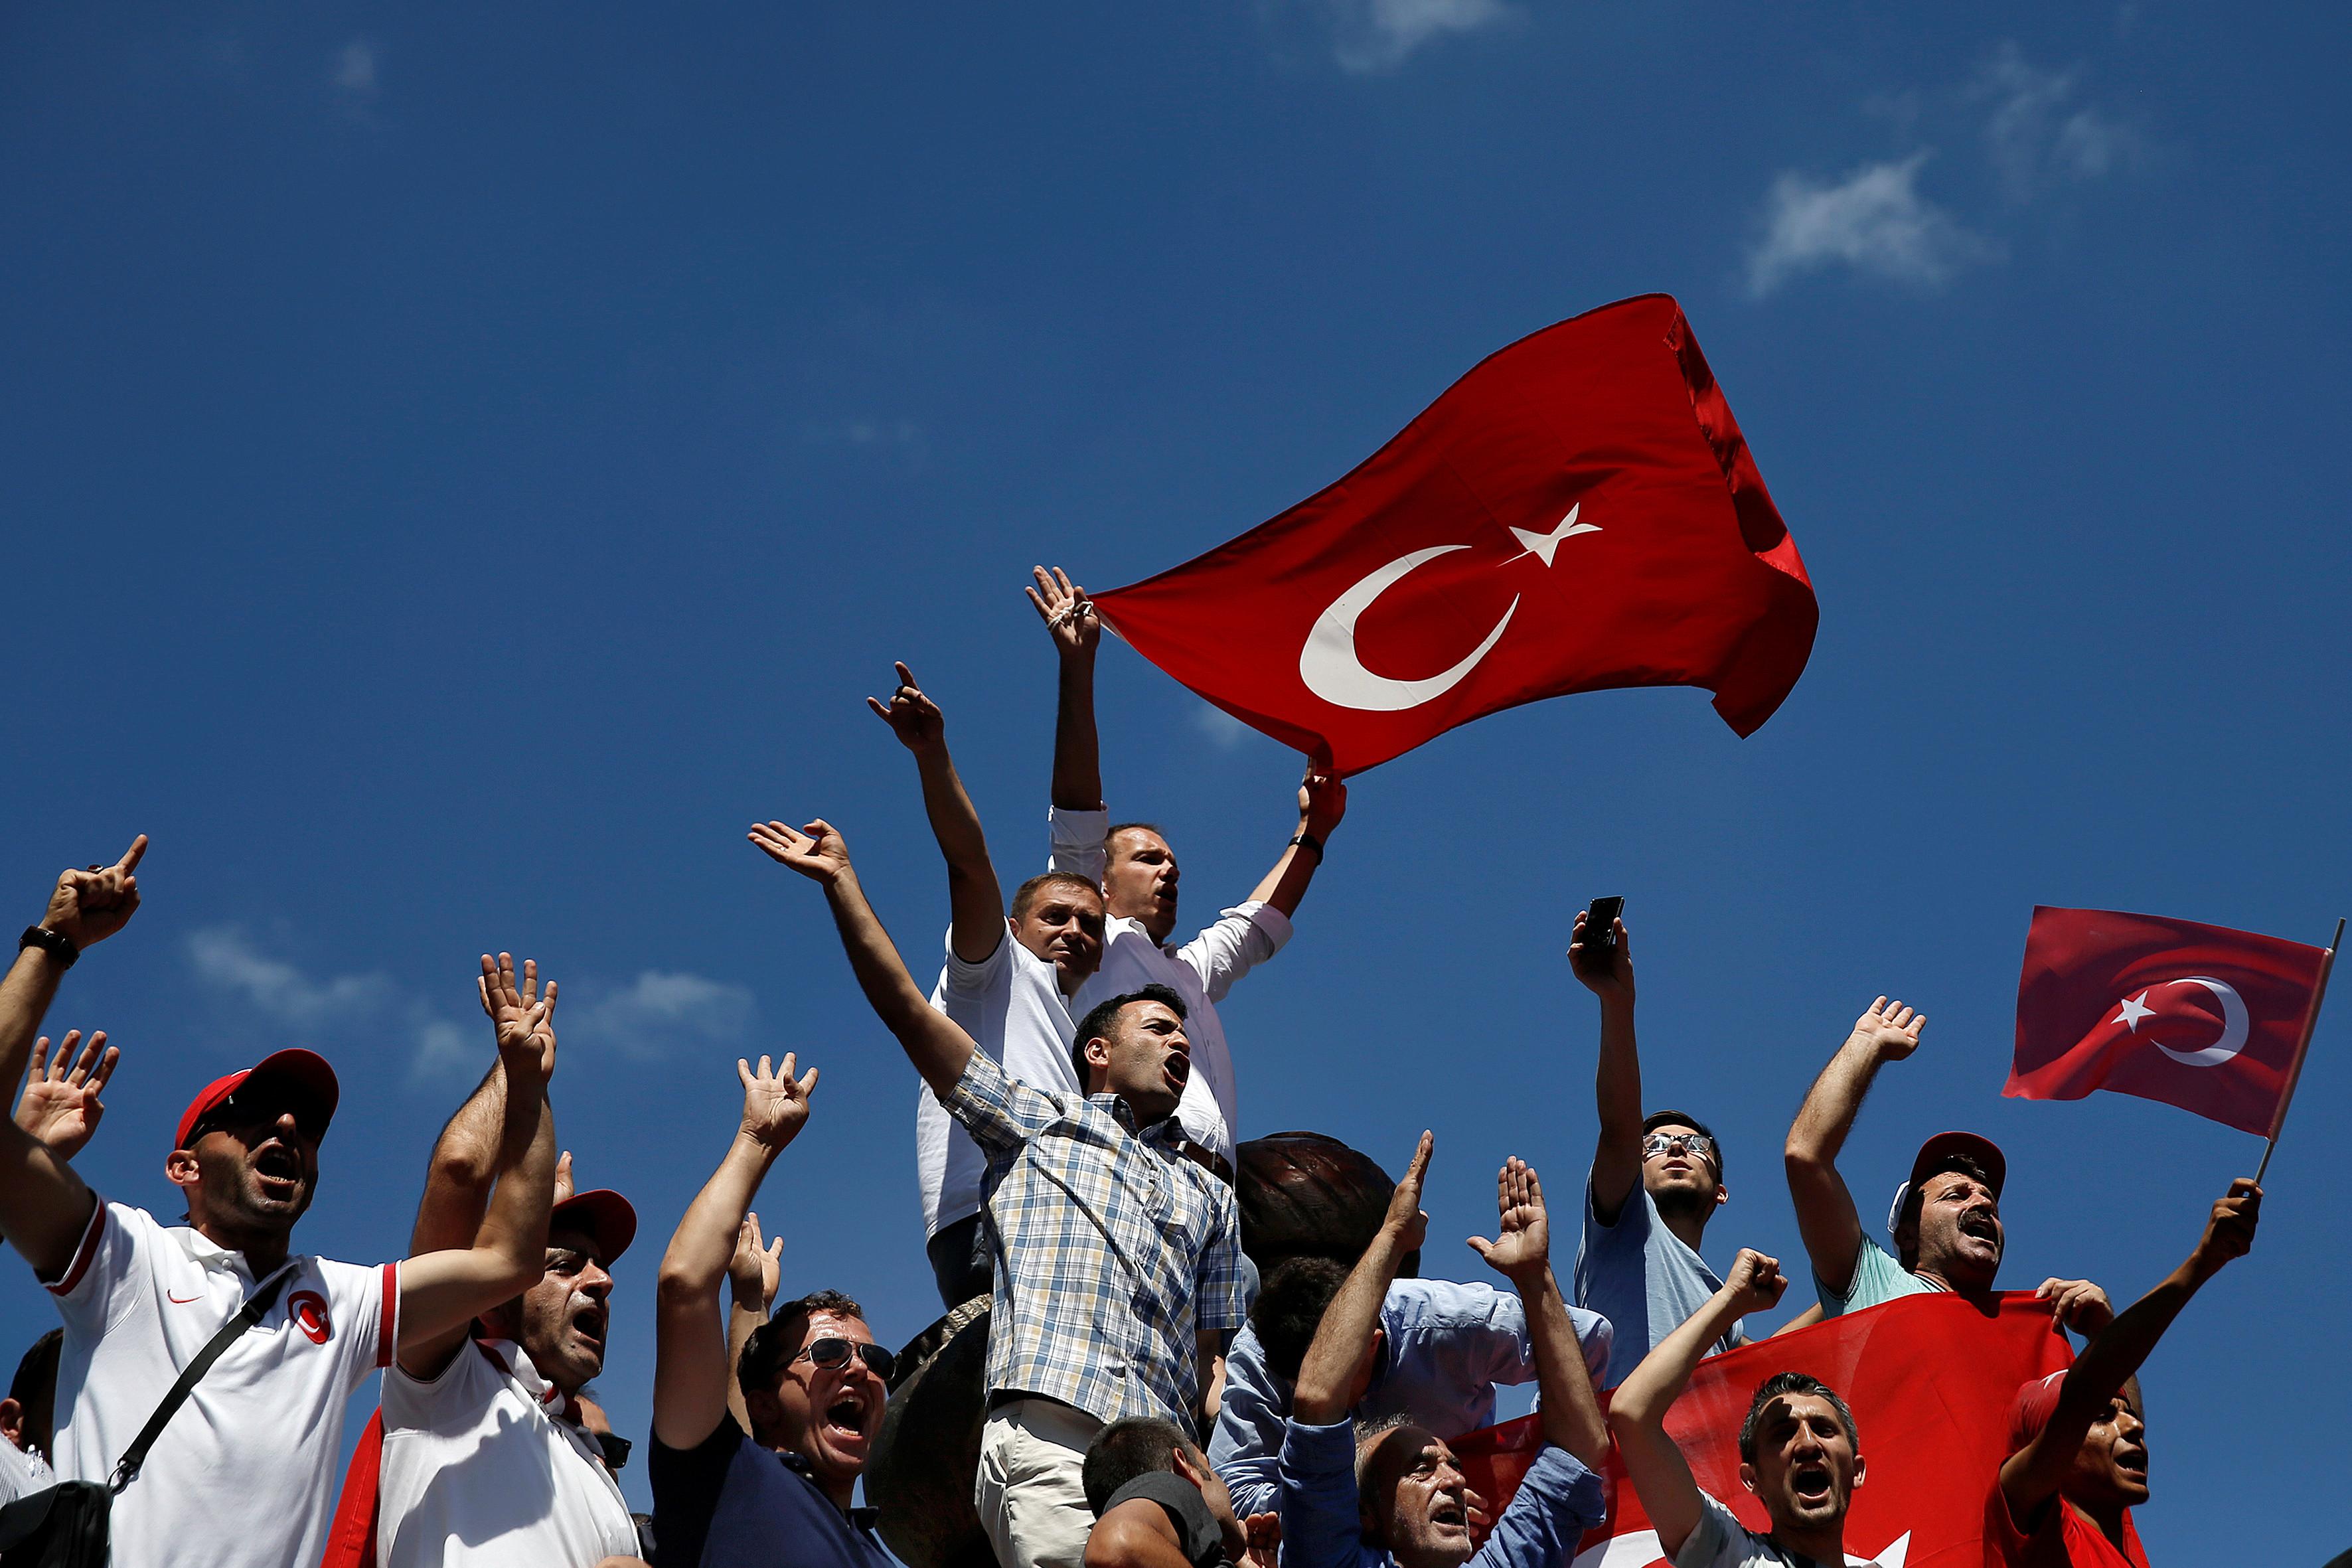 tyrkiet kup